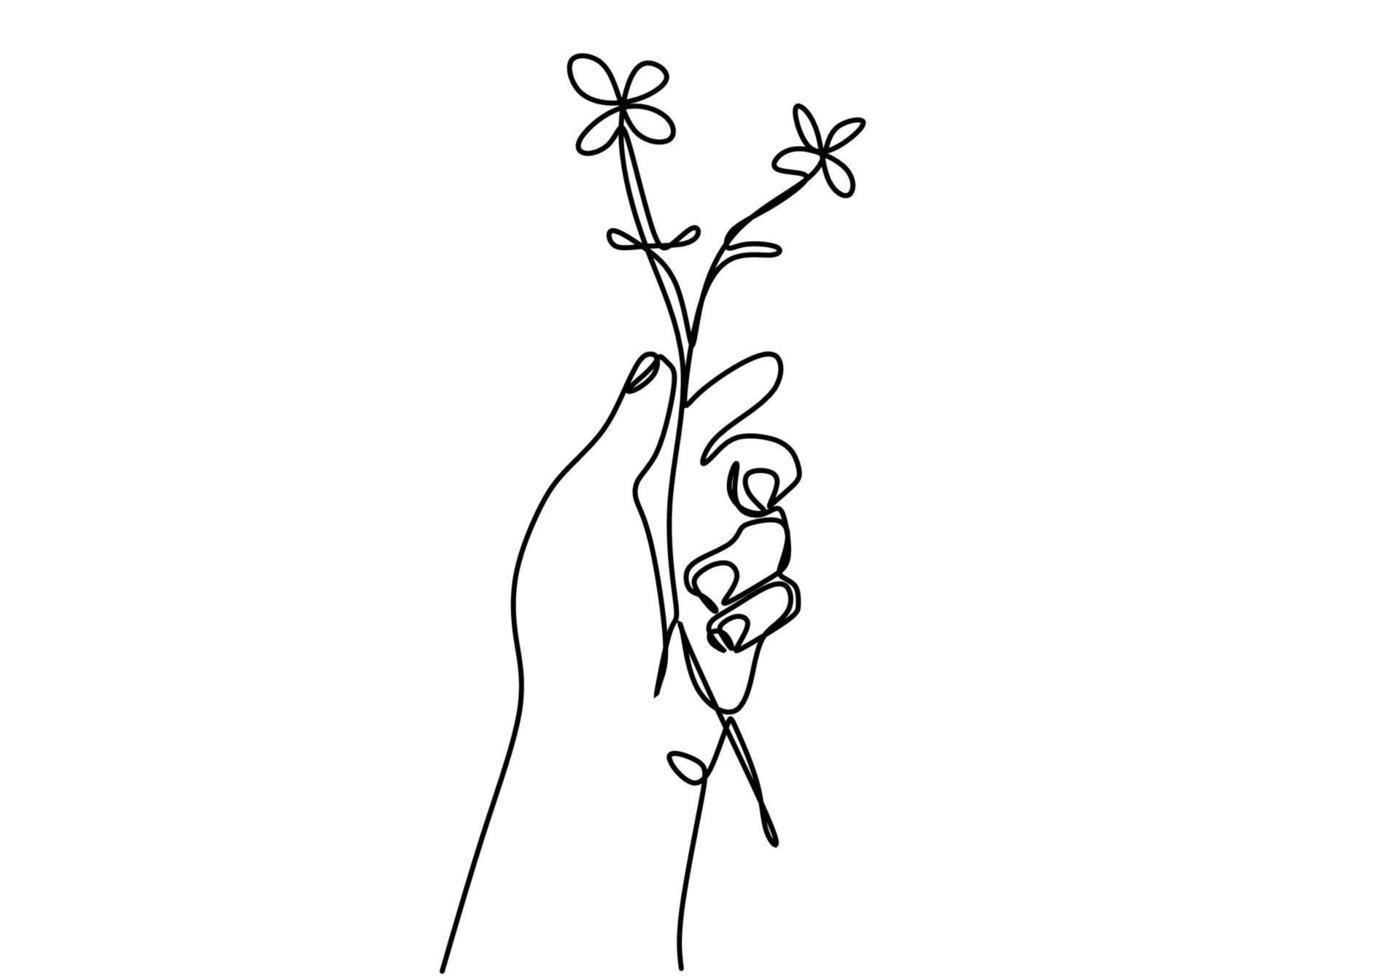 doorlopende lijntekening van hand met mooie bloem minimalistische stijl geïsoleerd op een witte achtergrond. geweldig bloemsymbool van romantische liefde. vector ontwerp illustratie